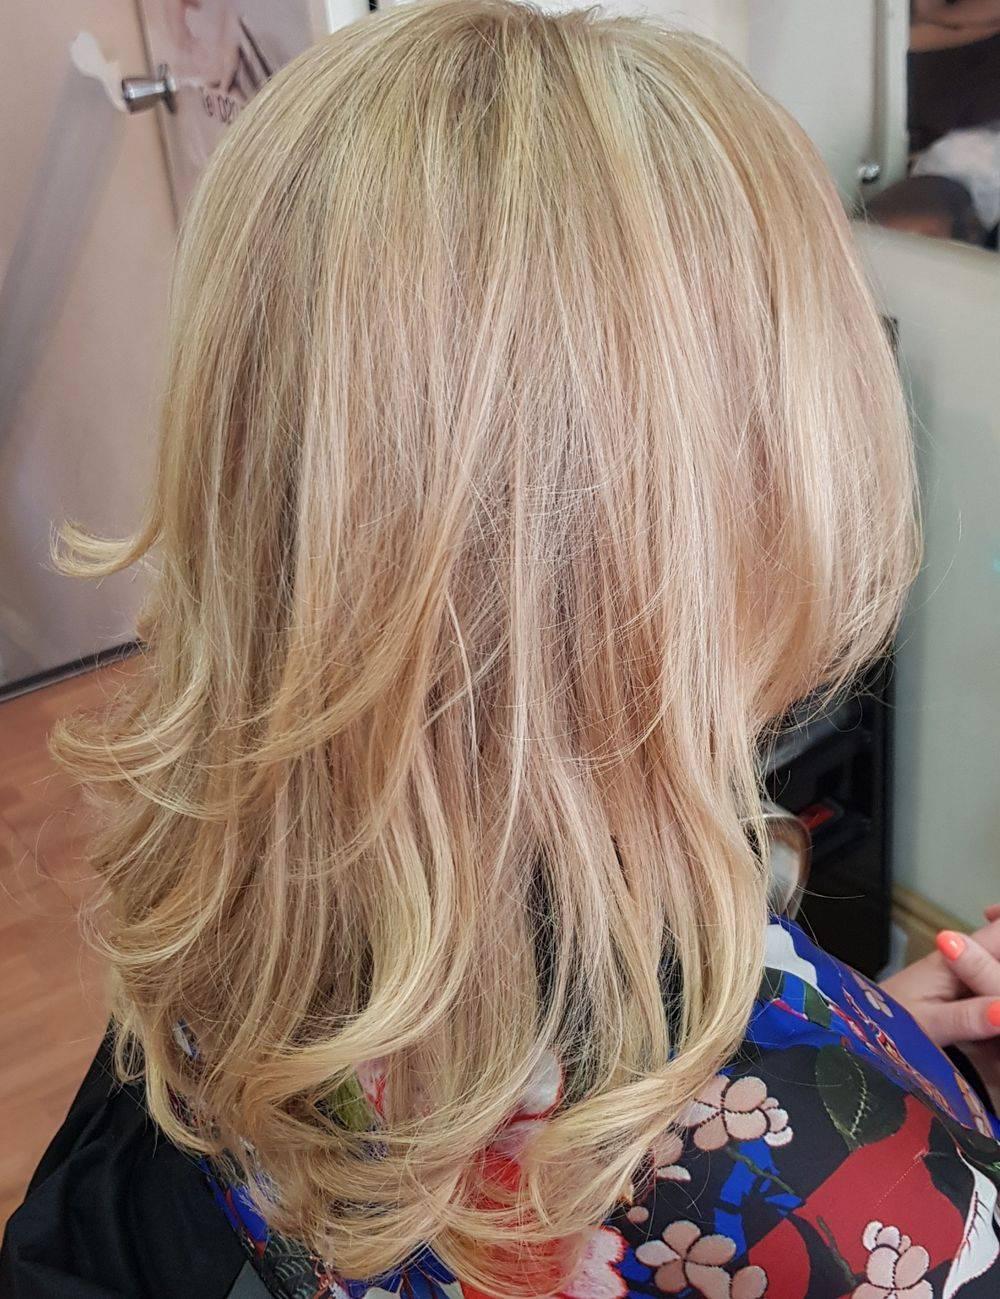 Highlights colour work Temple Holborn Strand London Hairdressers hair salon